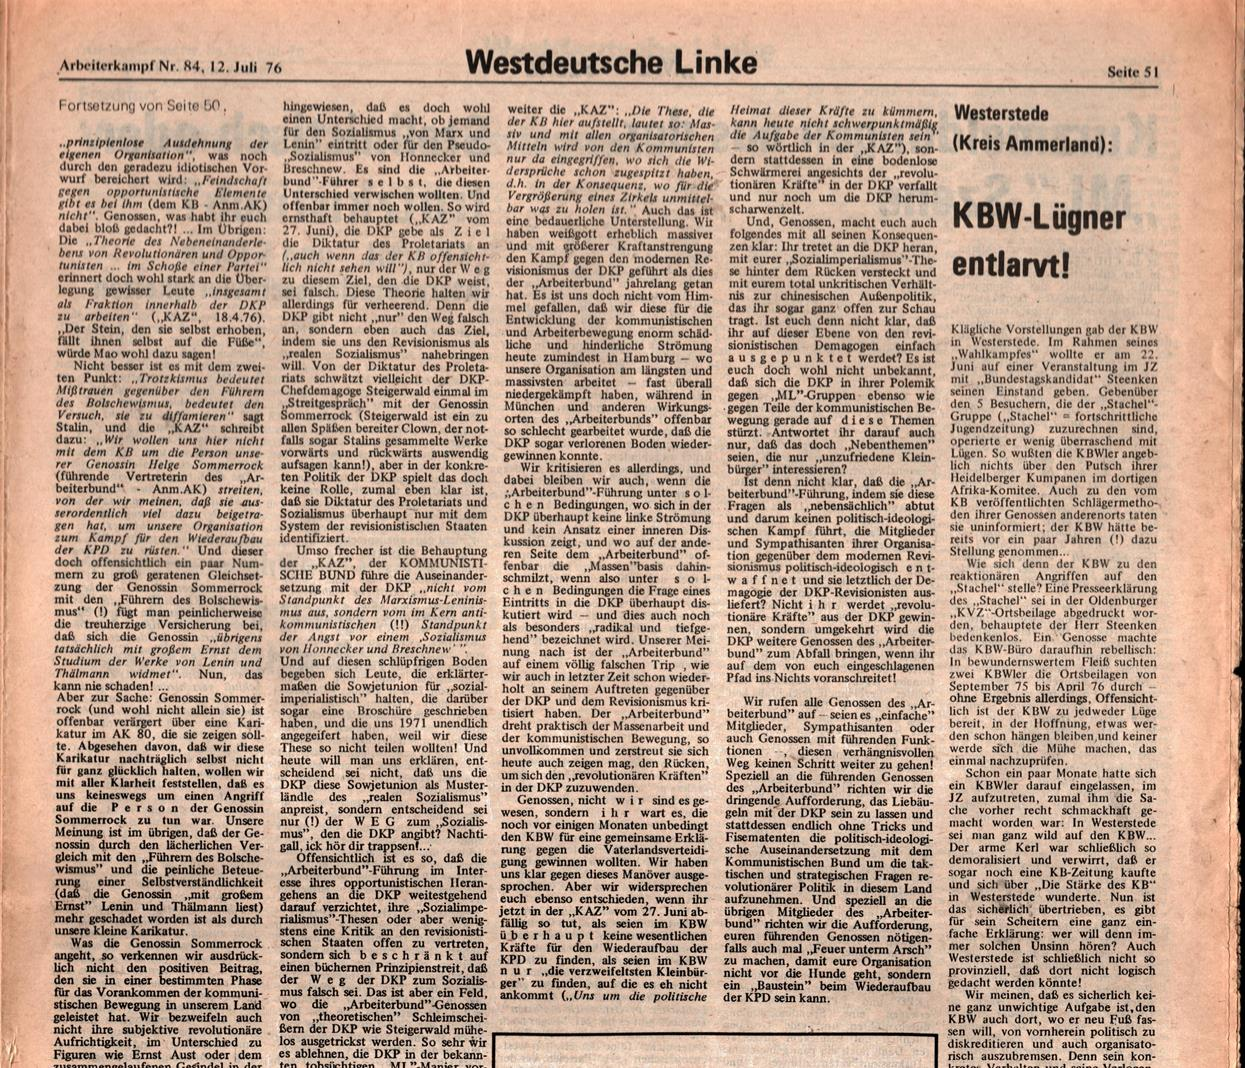 KB_AK_1976_084_102